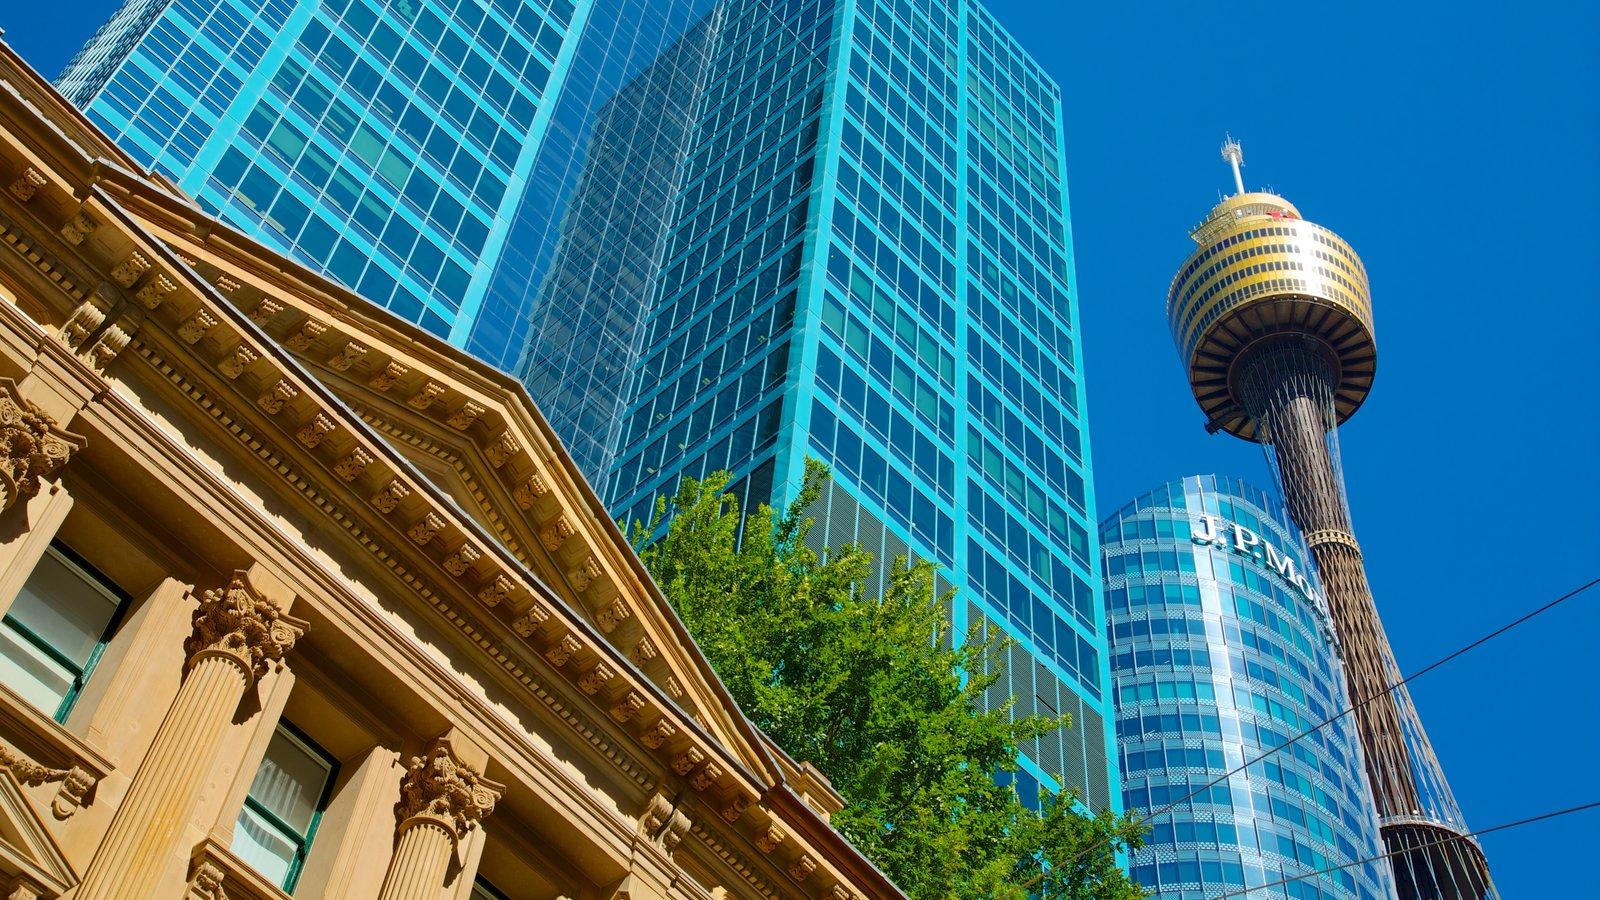 Sydney Tower que inclui um arranha-céu, arquitetura moderna e arquitetura de patrimônio